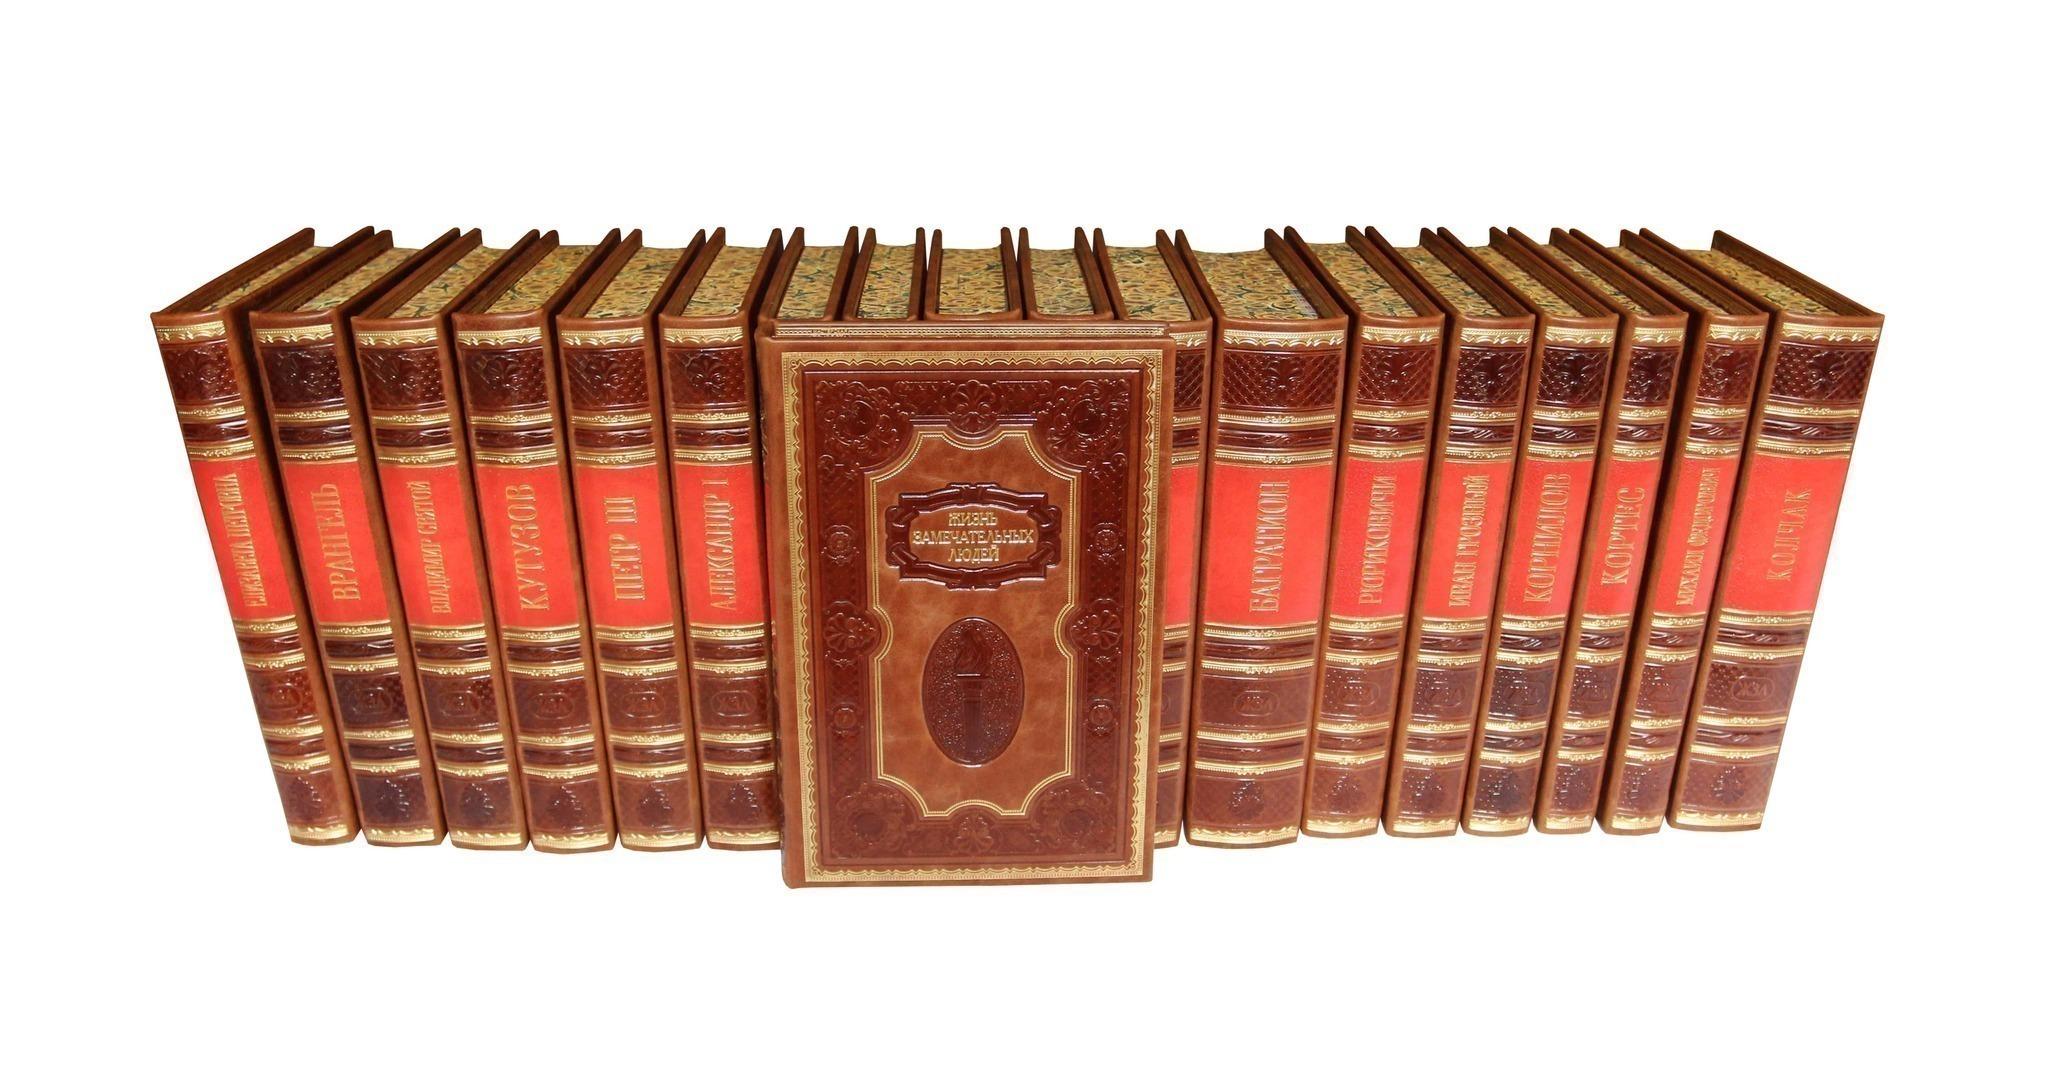 Церковь  (серия ЖЗЛ) – 10 книг